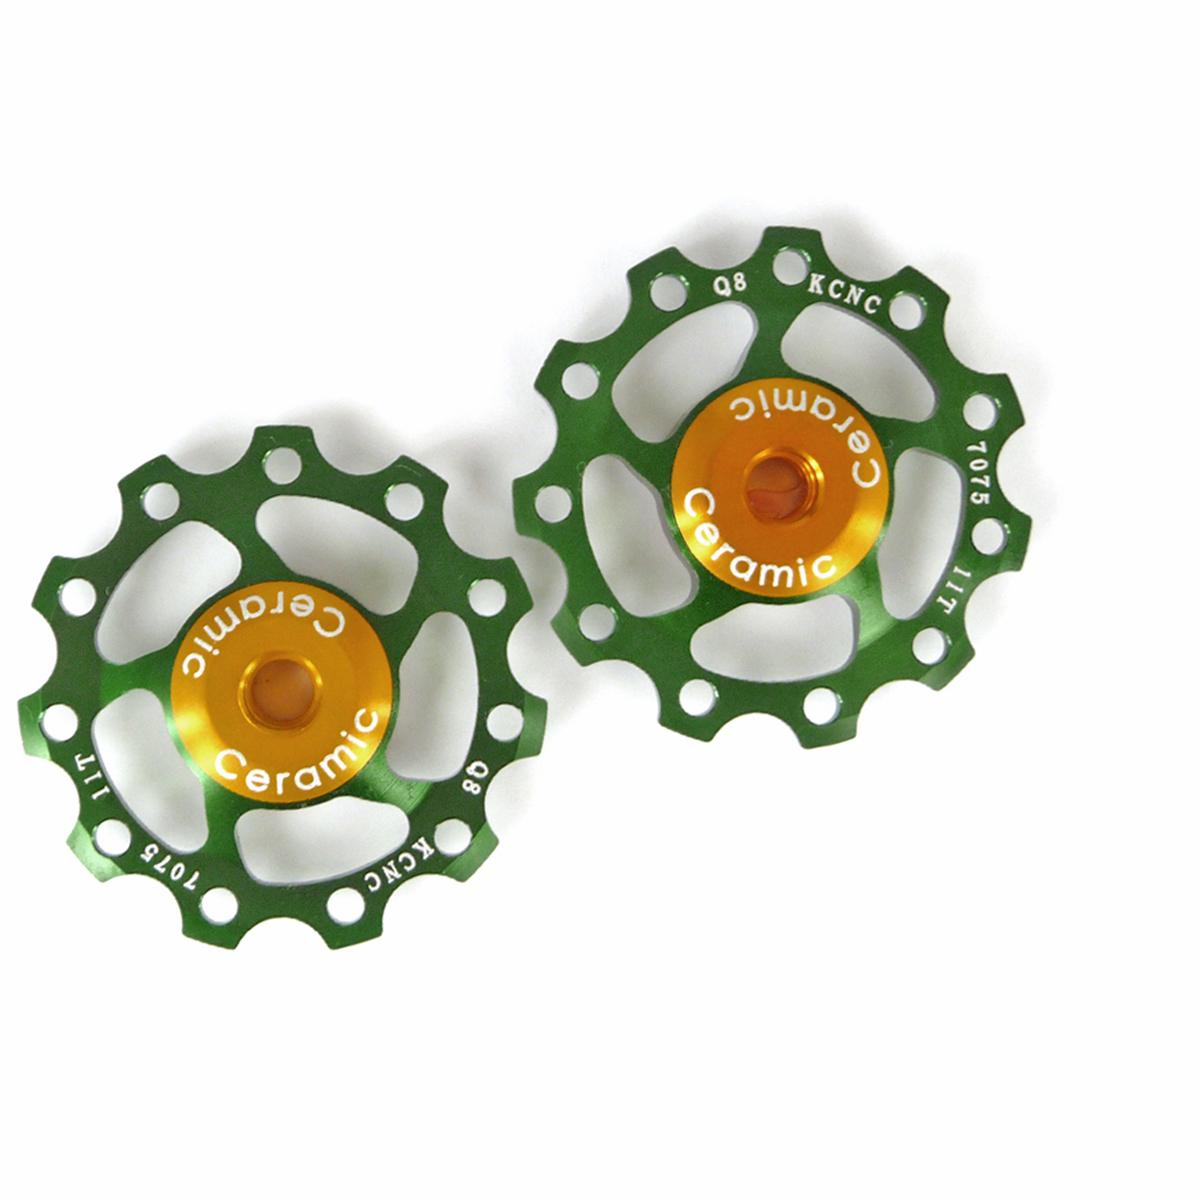 Galets de dérailleur KCNC x2 roulements céramique vert